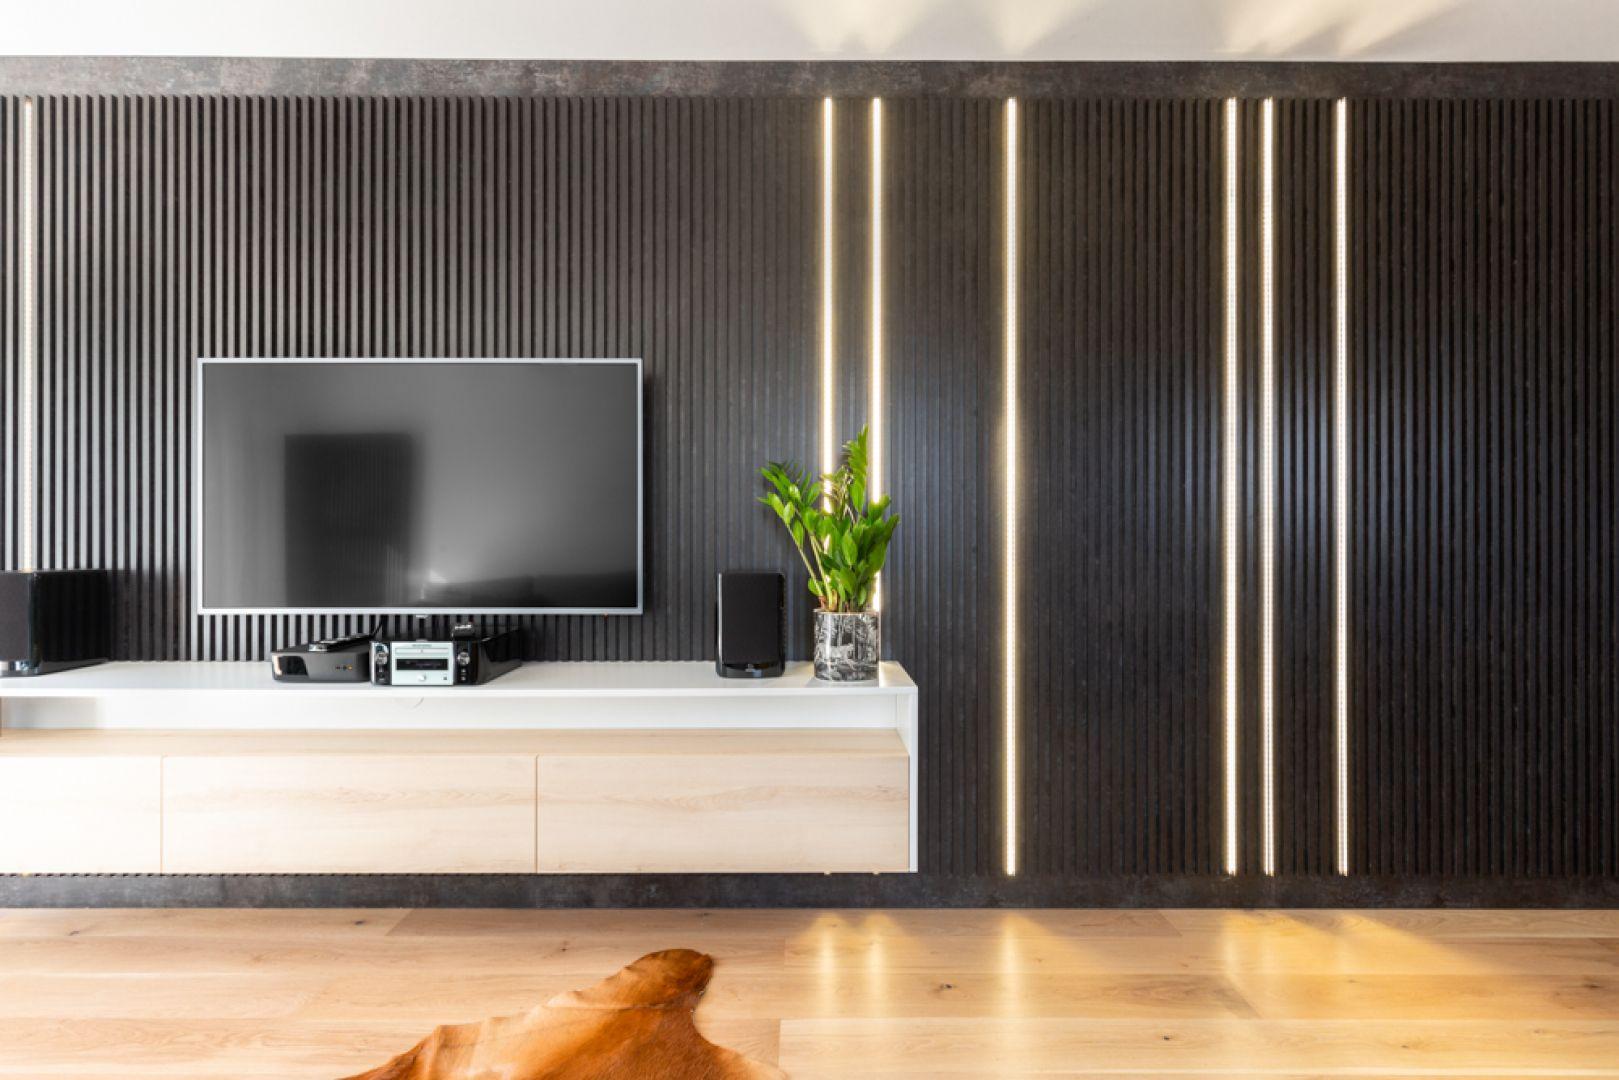 Ścianę za szafką RTV zdobi oryginalna czarna zabudowa z ledowym podświetleniem. Projekt: Joanna Rej. Realizacja: Gama Design. Fot. Pion Poziom